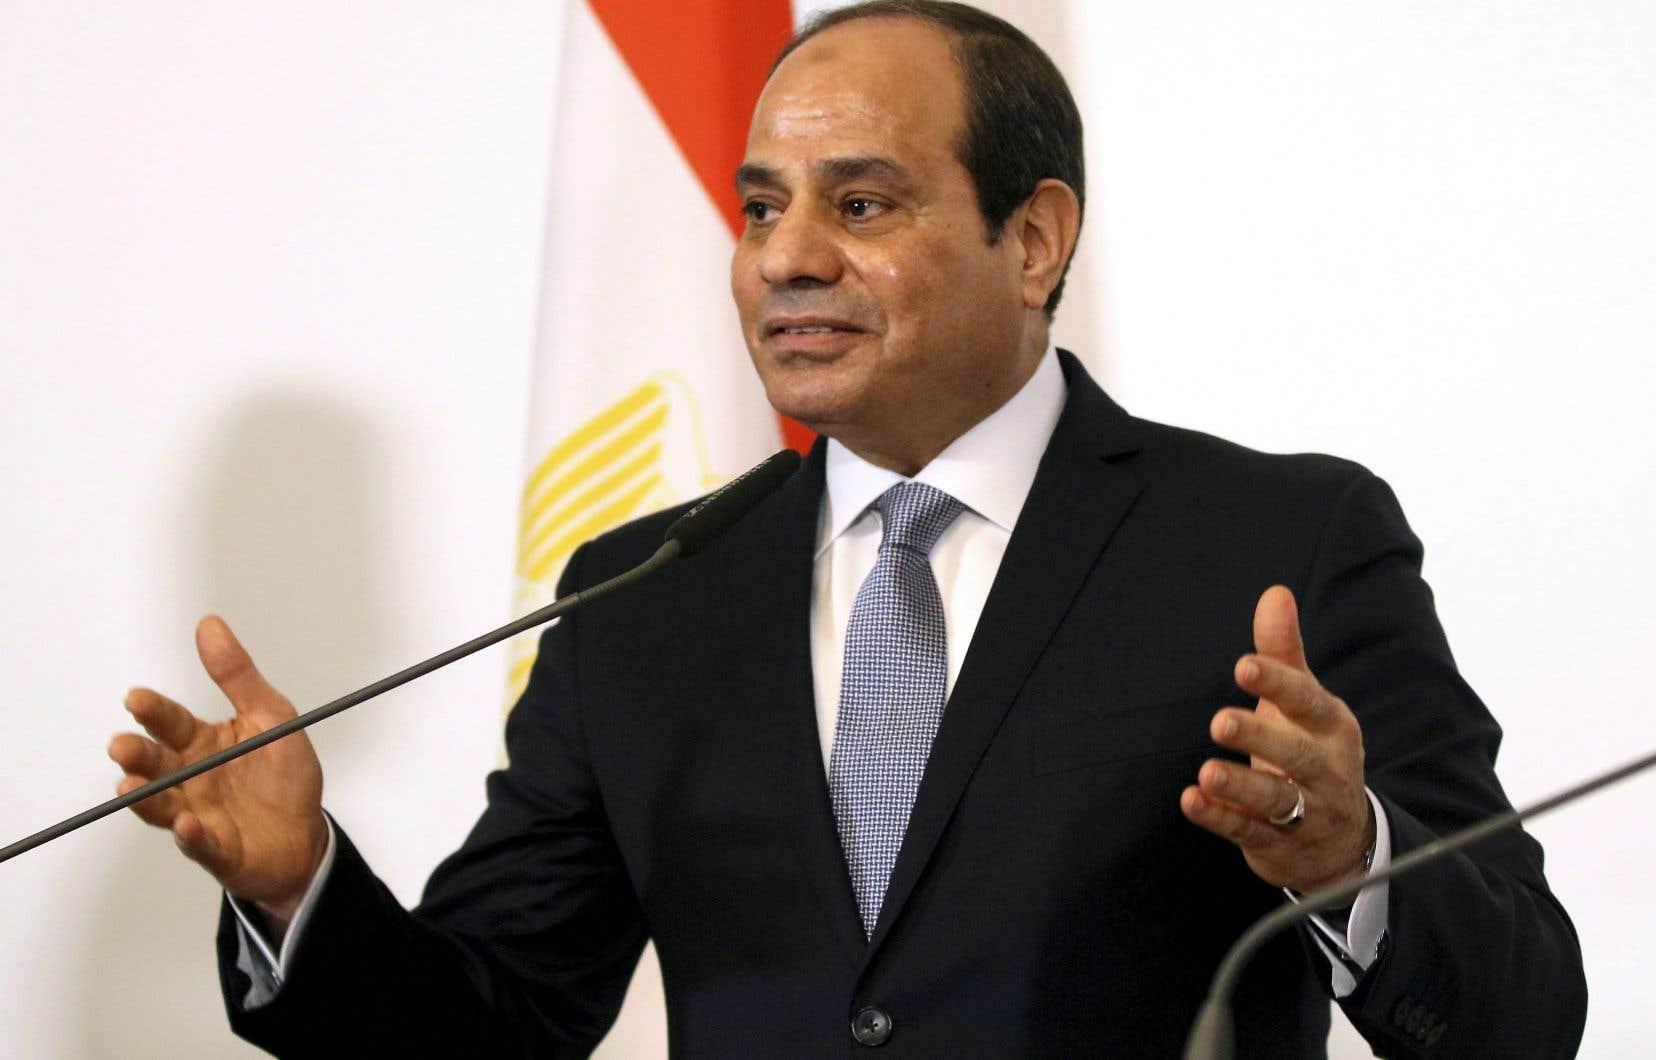 La réélection du président Abdel Fattah al-Sissi,en 2018, a eu lieu dans le cadre d'un scrutin marqué par la présence d'un seul rival, relégué au rang de faire-valoir, et par une série d'arrestations d'opposants.